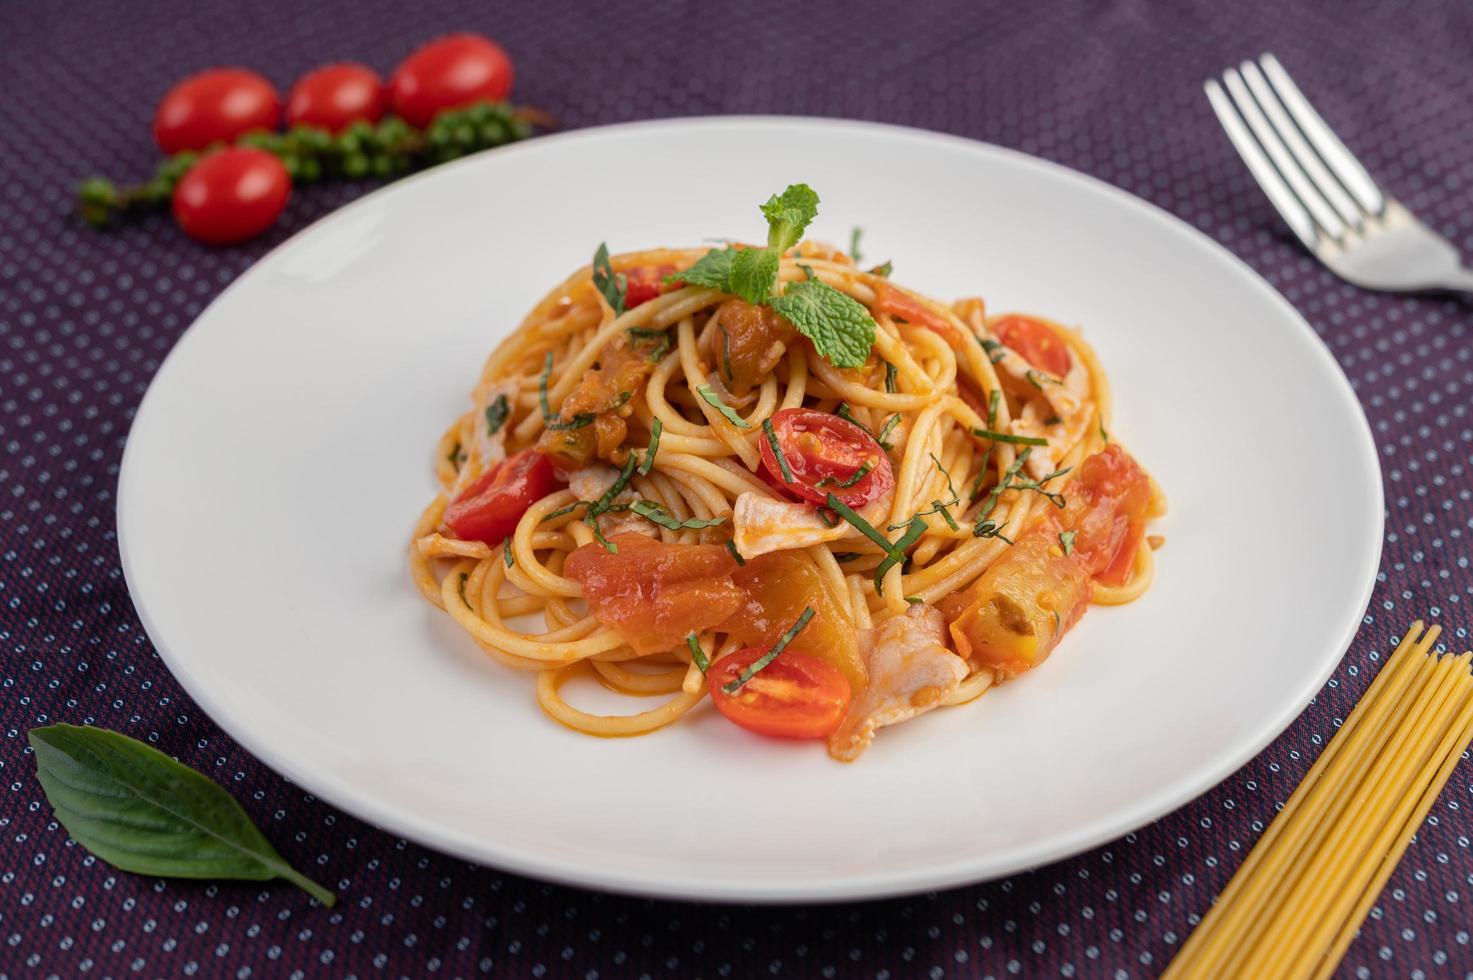 Gourmet-Spaghetti wunderschön auf einem weißen Teller angeordnet foto